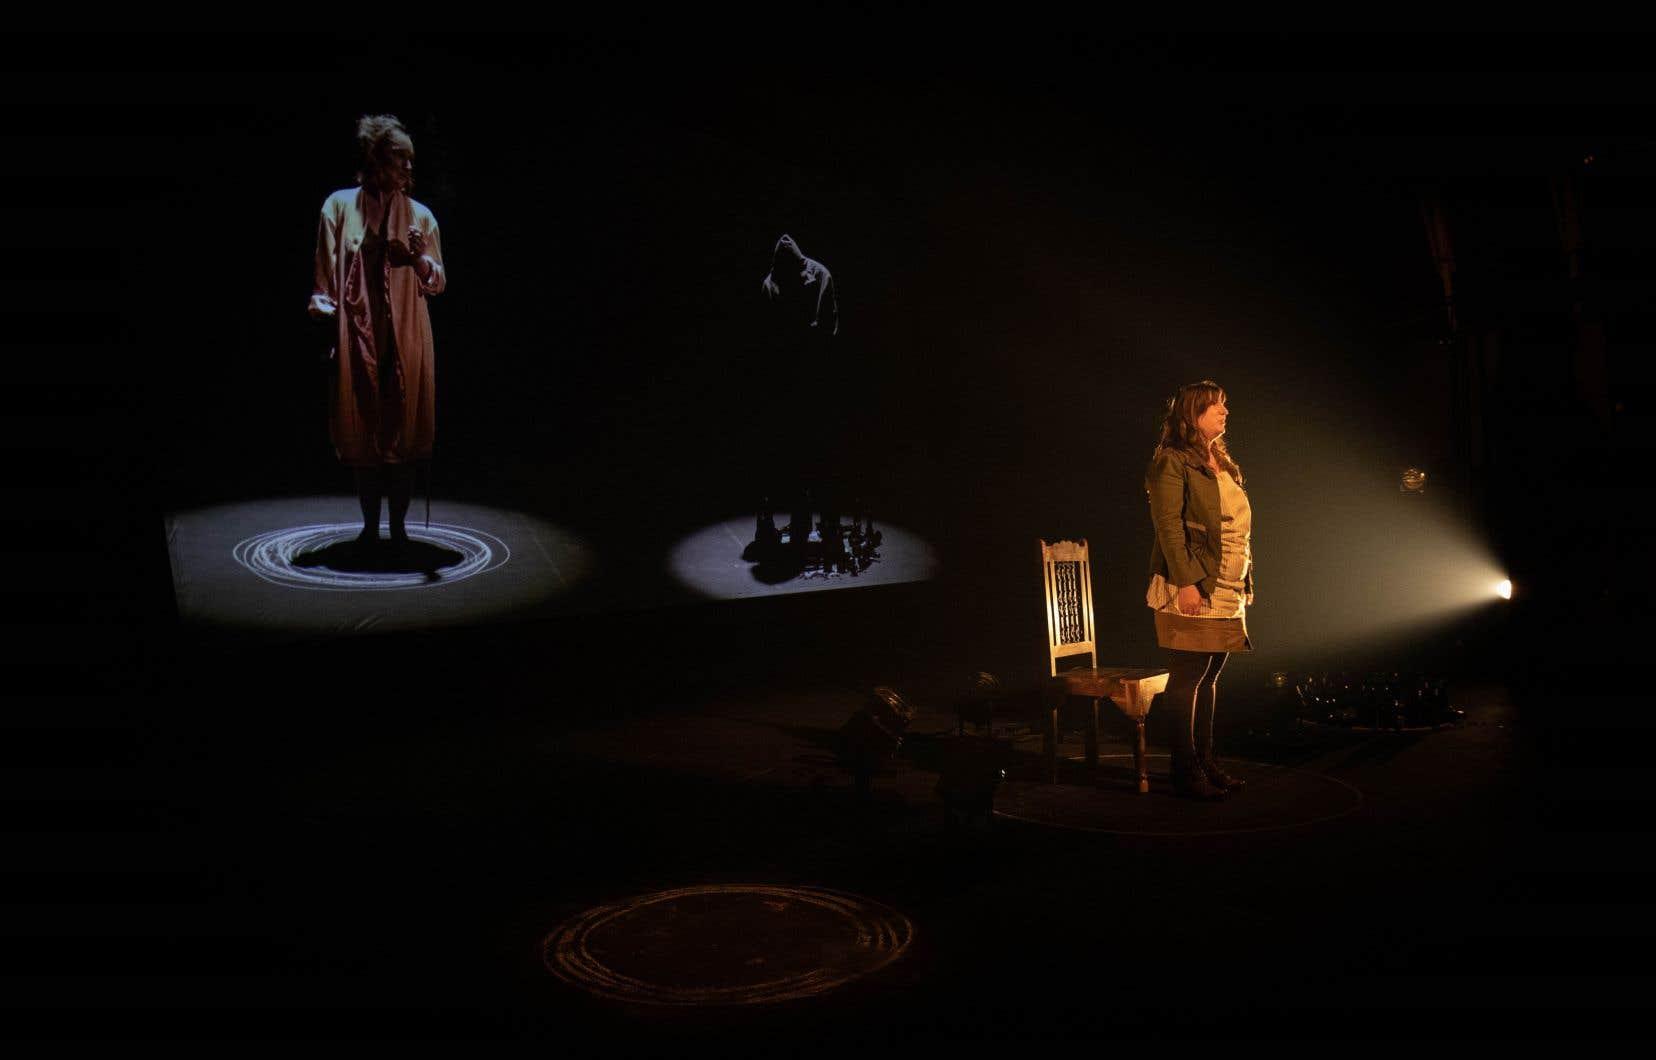 «Peau d'vache» au Théâtre du Bic. Une seule comédienne sur scène accompagnée par des personnages projetés en vidéo permettant ainsi de respecter la distanciation physique.